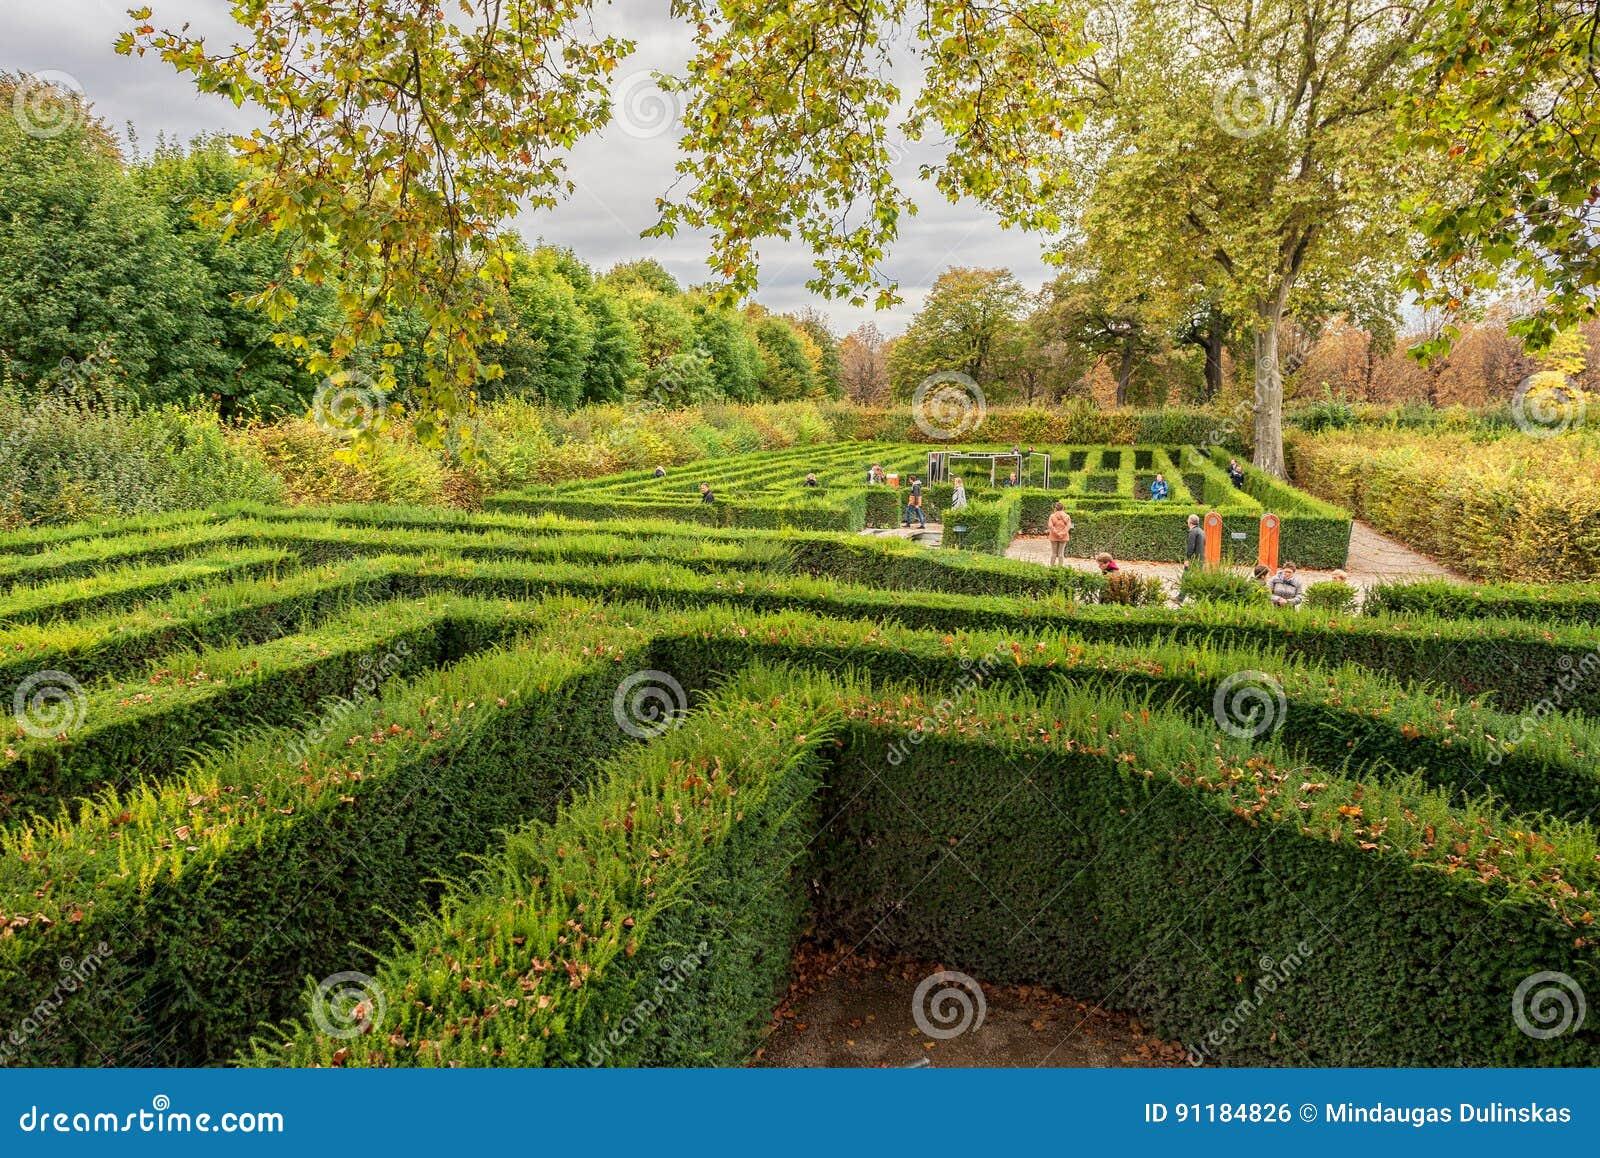 WIEN, ÖSTERREICH - 8. OKTOBER 2016: Palast und Garten Schonbrunn in Wien mit Park Besichtigungs-Gegenstand in Wien, Österreich La